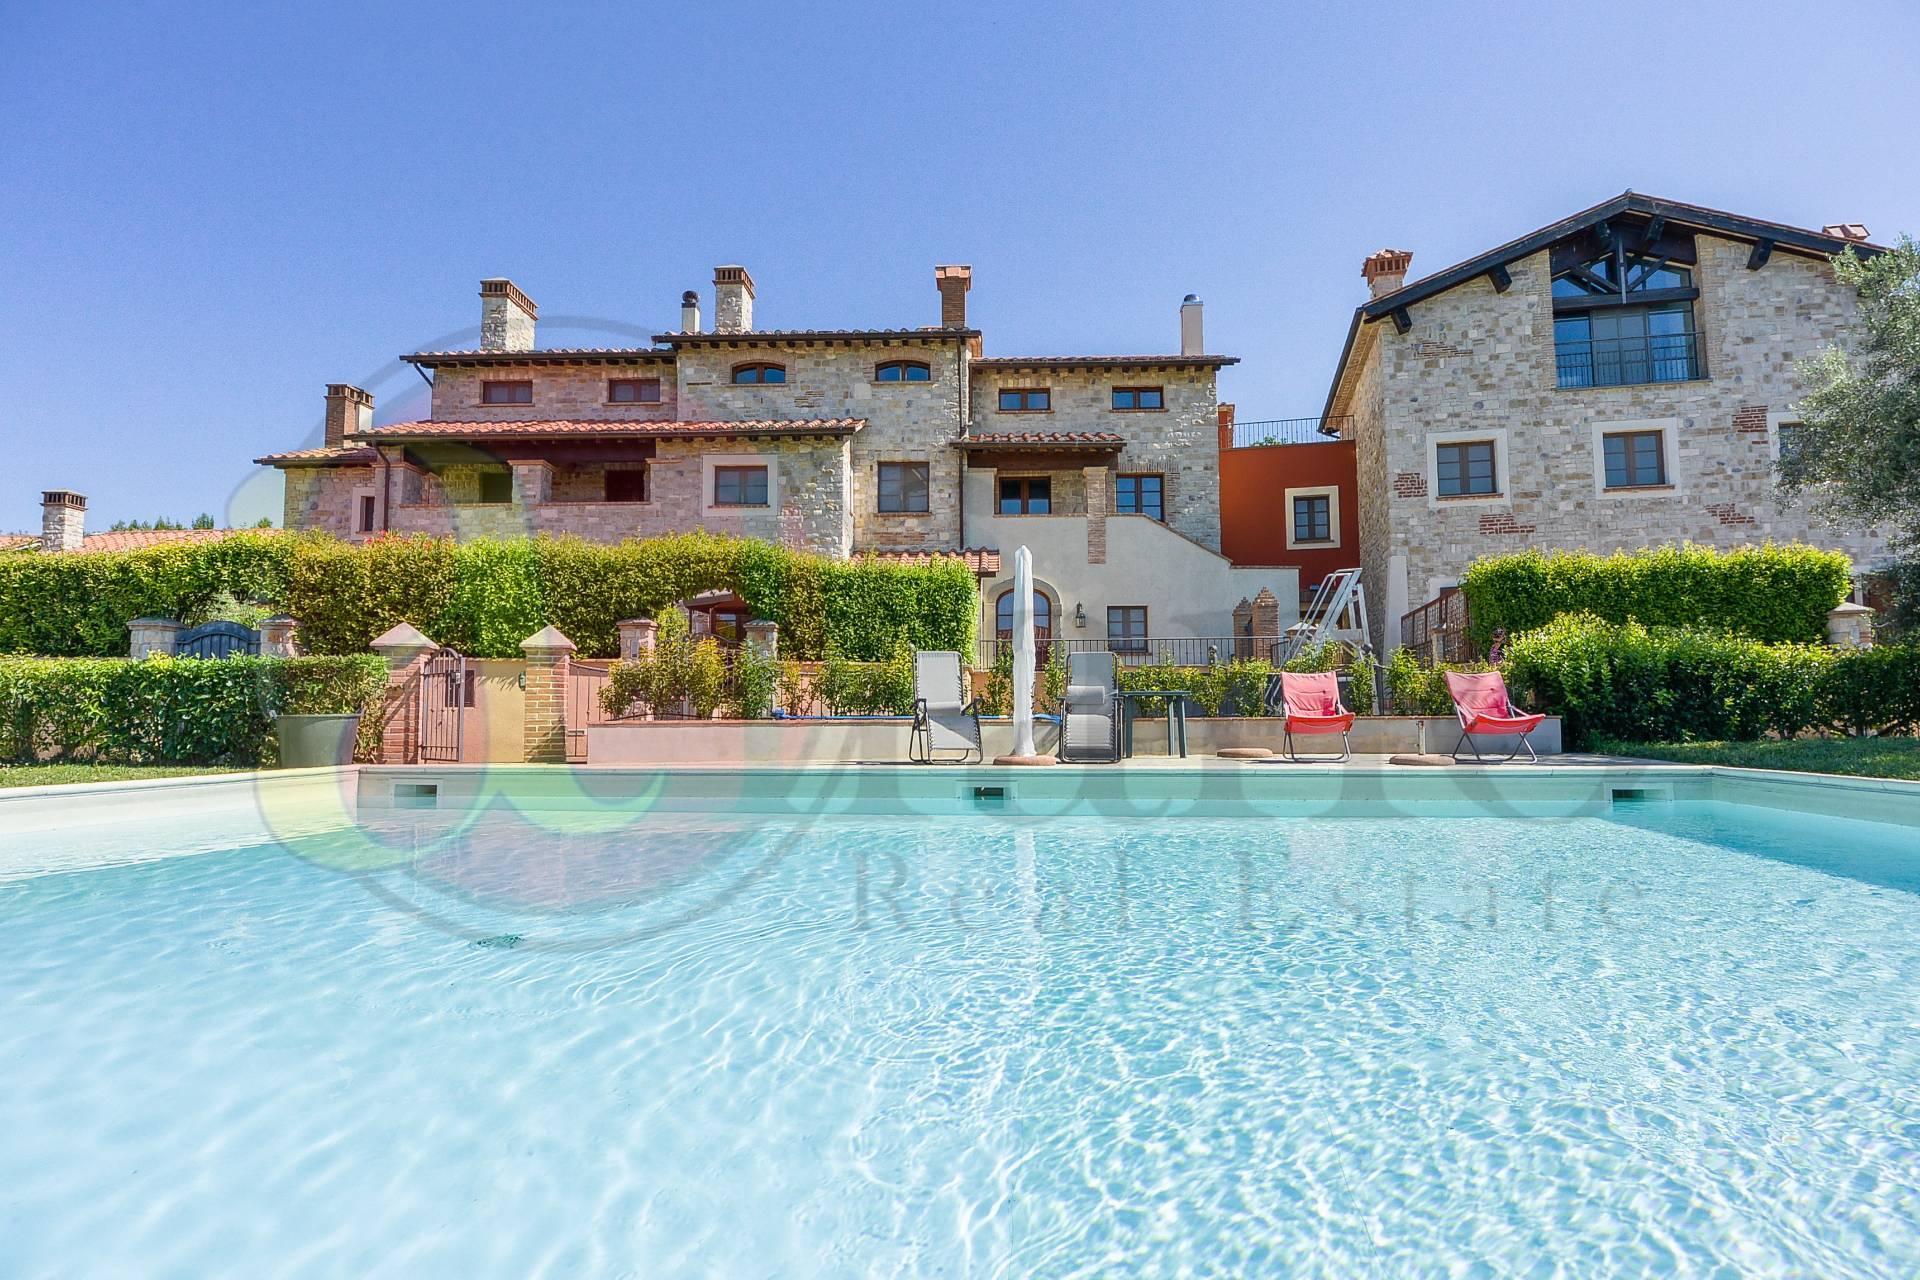 Appartamento in vendita a Ficulle, 3 locali, prezzo € 60.000 | PortaleAgenzieImmobiliari.it